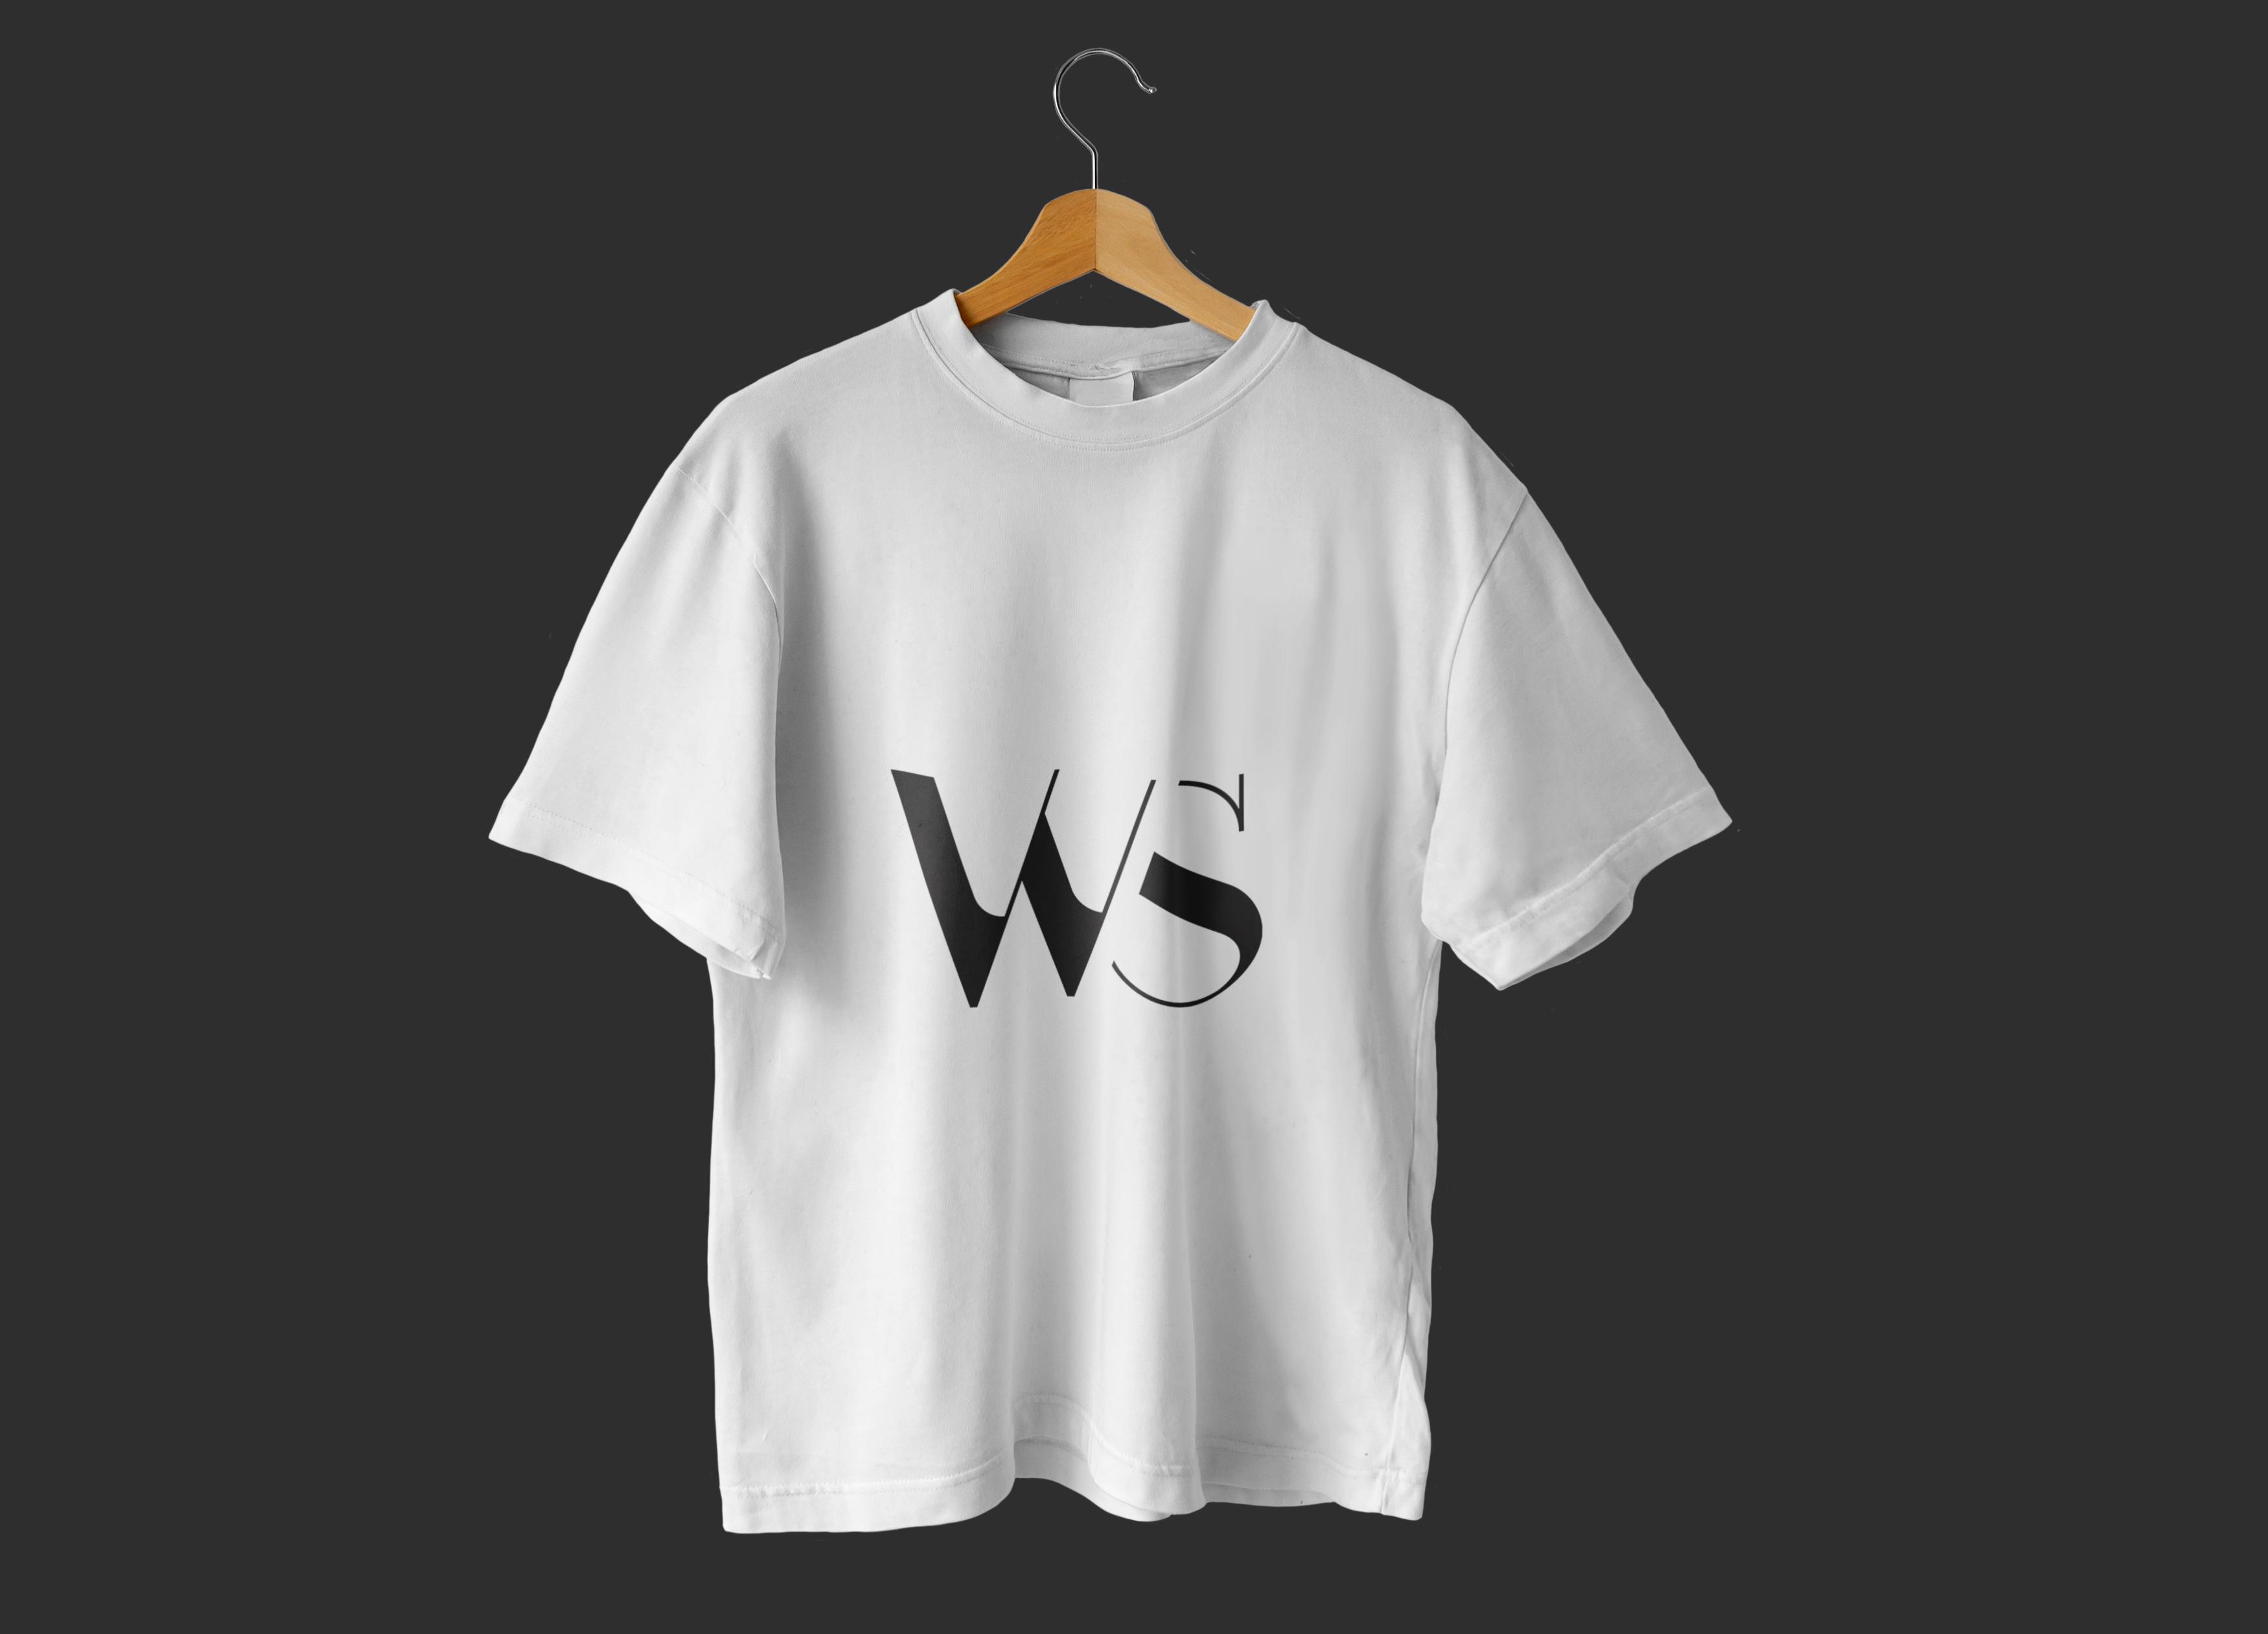 White_T-Shirt_Mockup